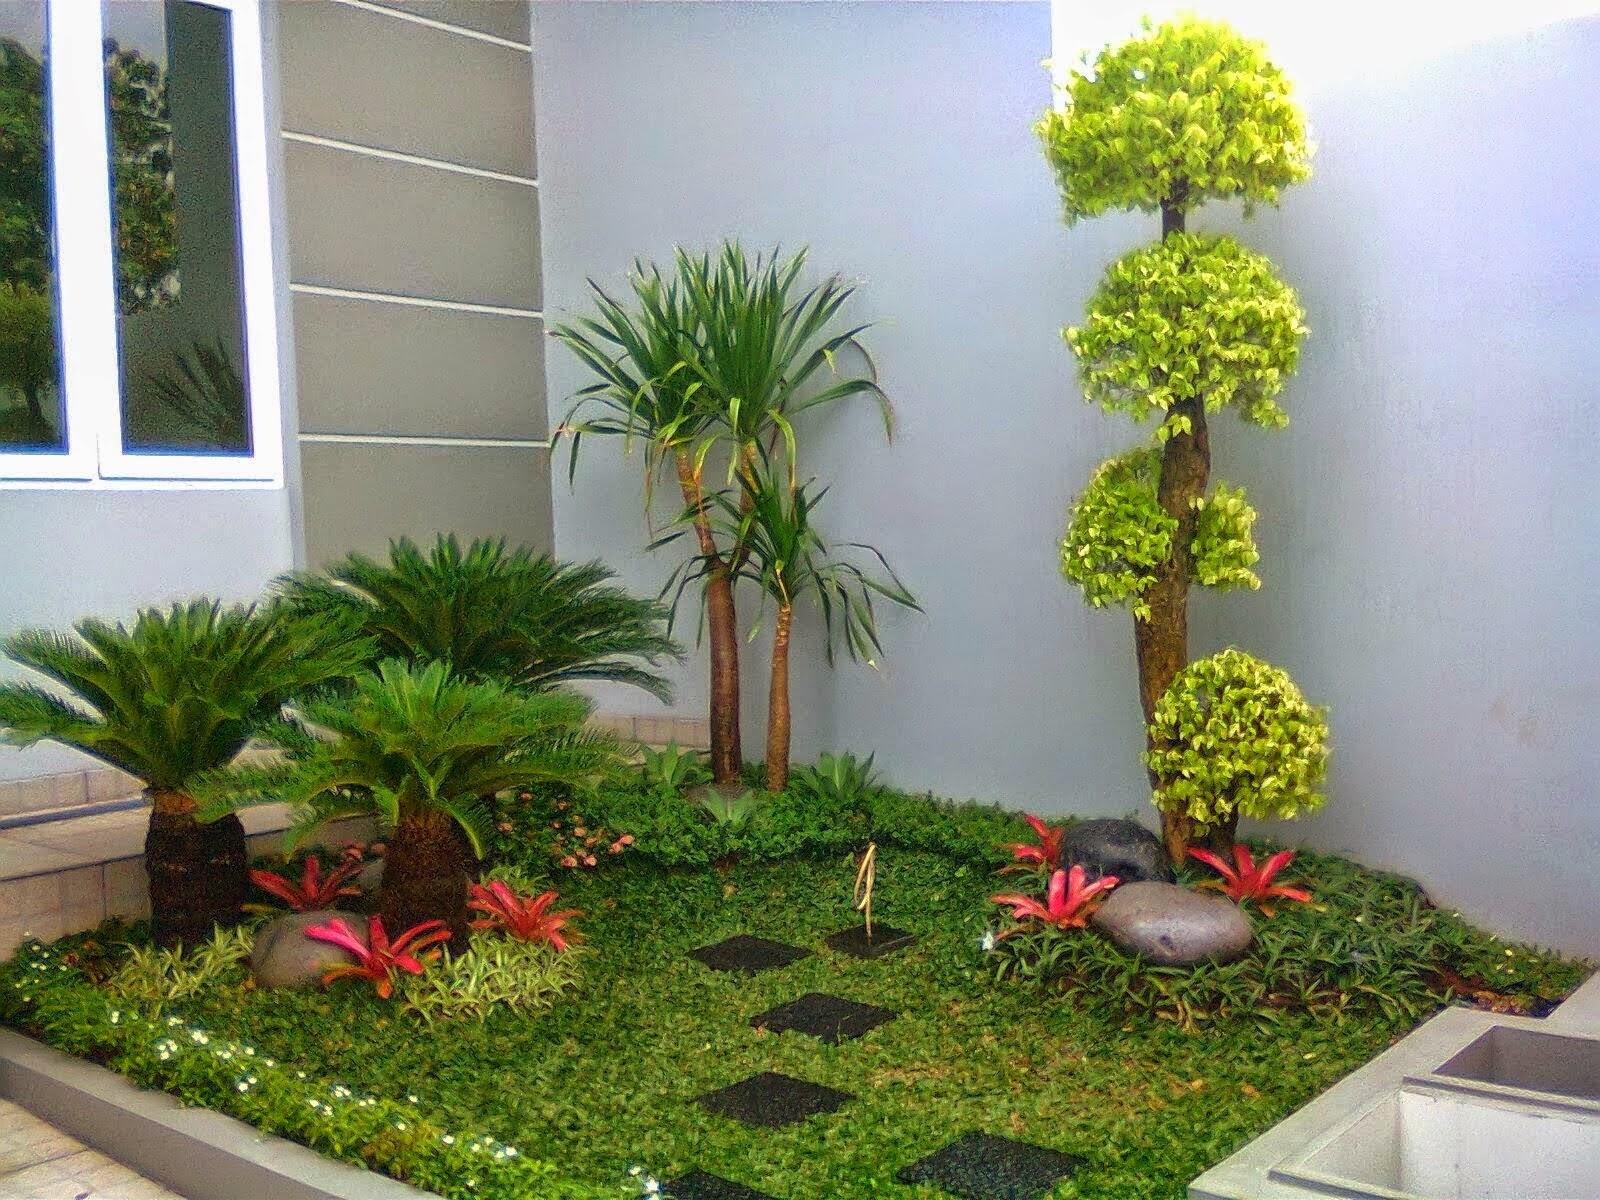 Tukang taman bogor | tukang rumput | pembuatan taman rumput | jasa tanam rumput